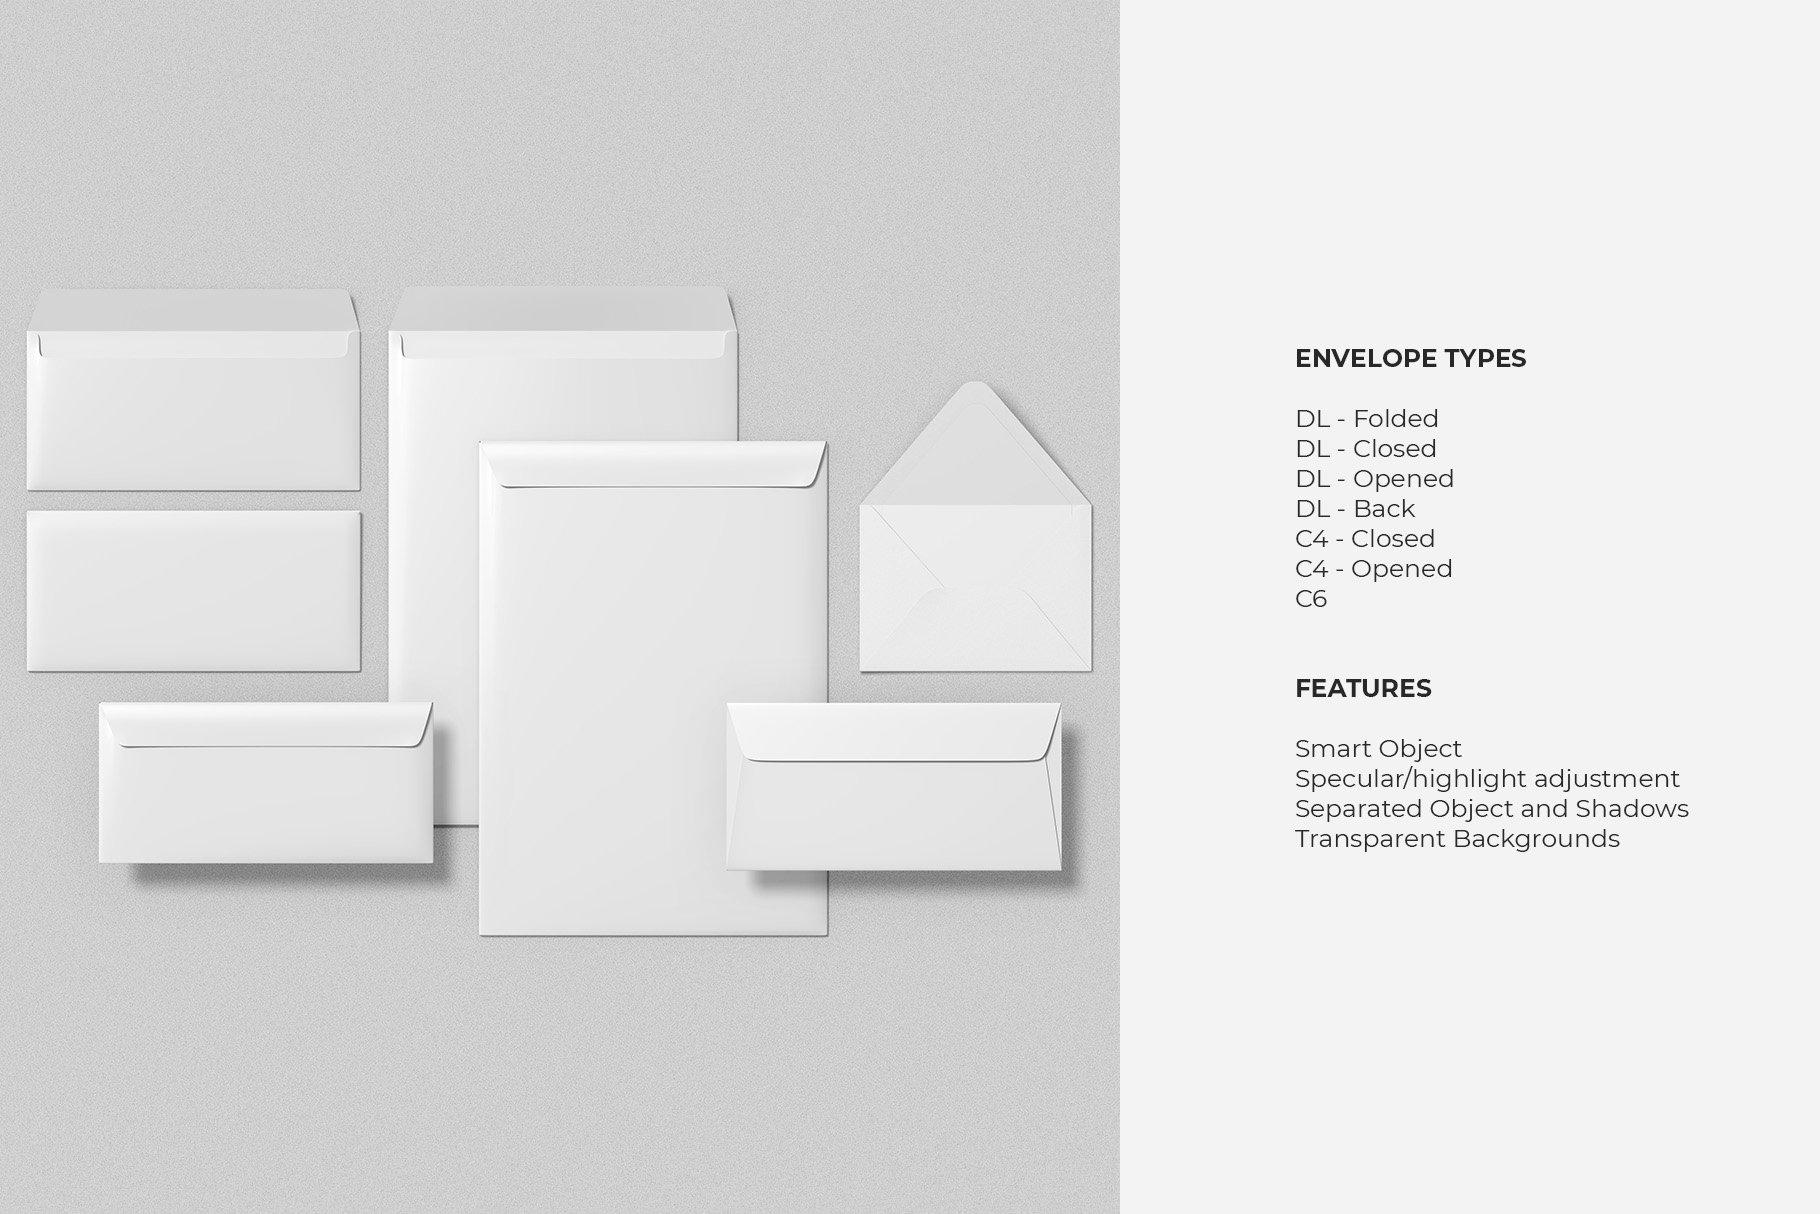 12个时尚简约品牌Logo设计办公用品展示贴图样机模板套装 Branding Mockup Scene Creator插图13